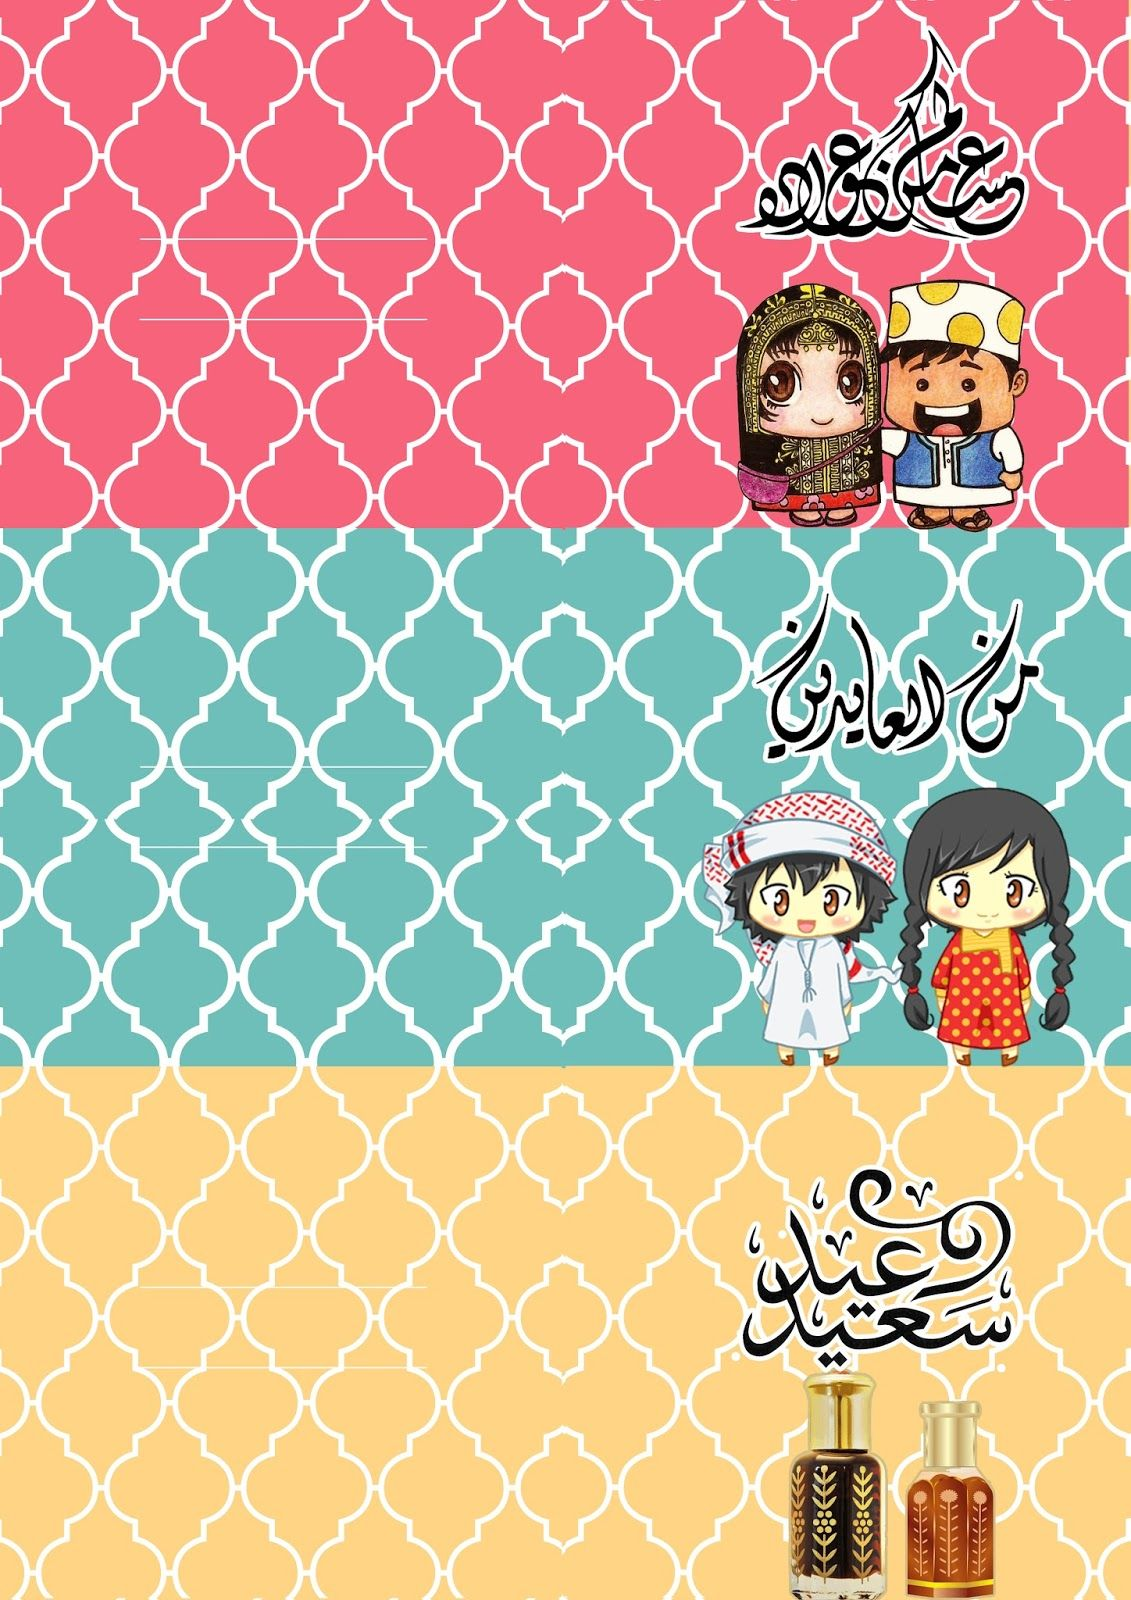 صباح الخير صباح الـ 25 من رمضان أسال الله ان يجعلني واياكم ووالدينا من عتقائه محبة لكم وشكر لكلماتكم اللي وصلتني عا Eid Stickers Eid Crafts Diy Eid Cards